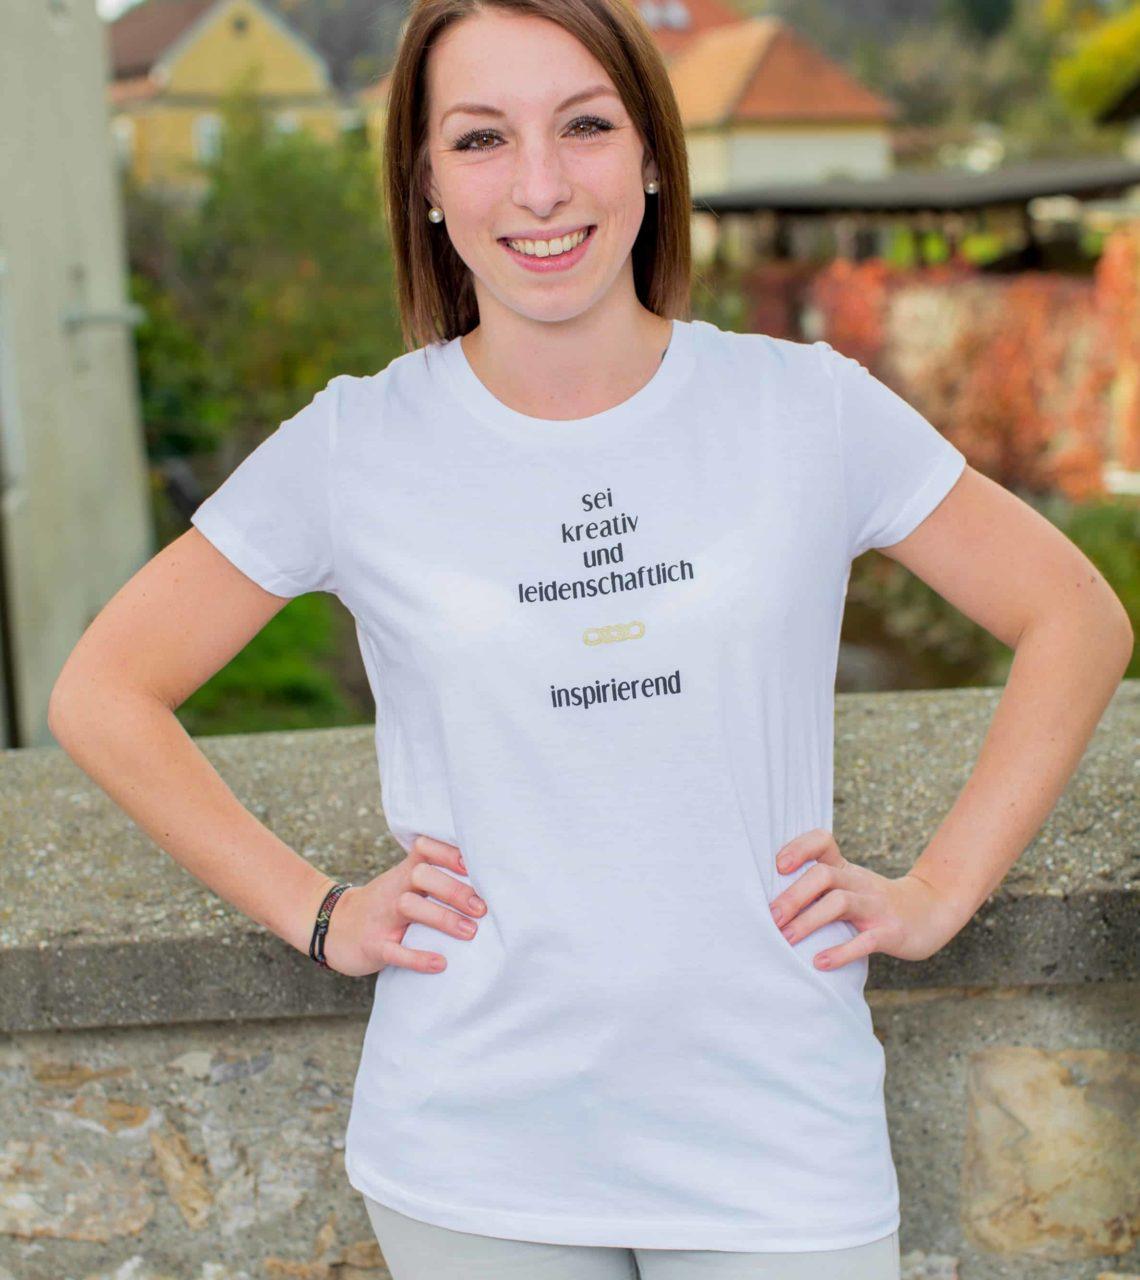 Sei Daham - Damen Shirt inspirierend Front 2